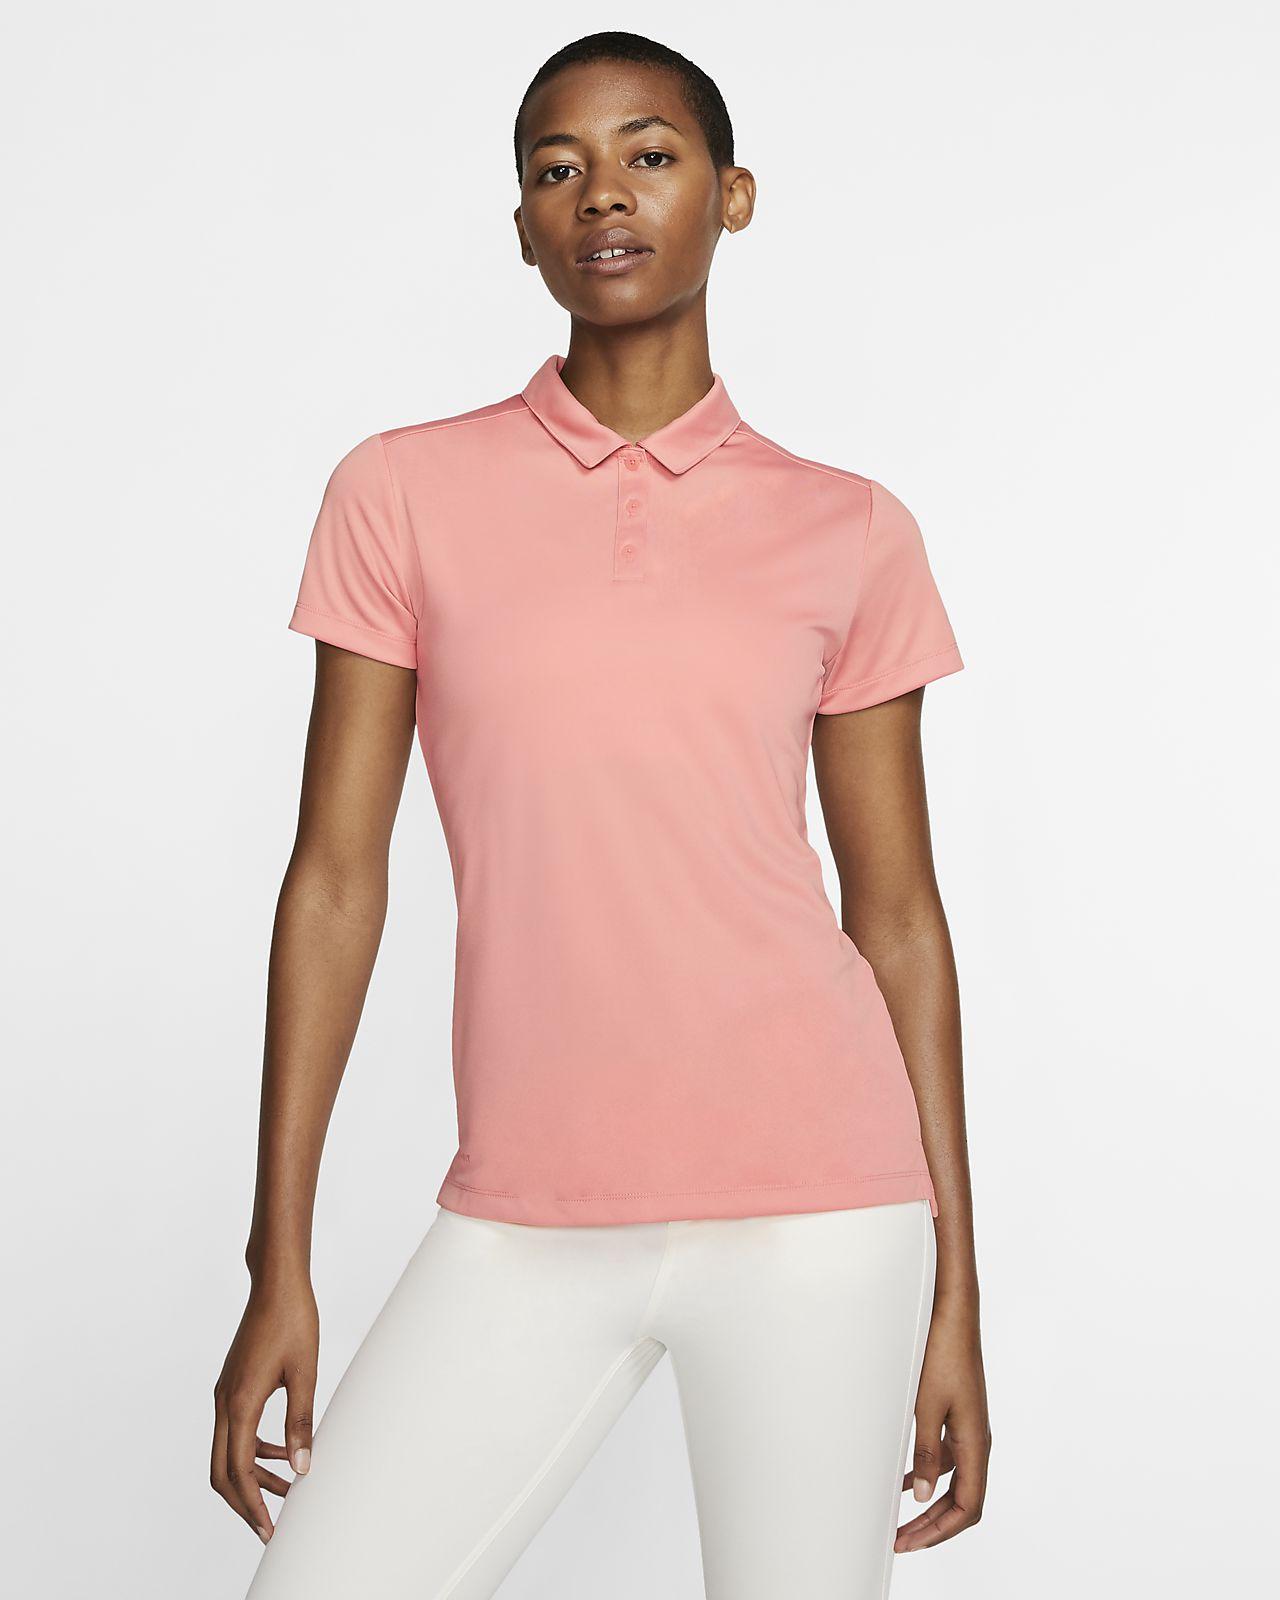 Nike Dri-FIT 女子高尔夫翻领 T恤